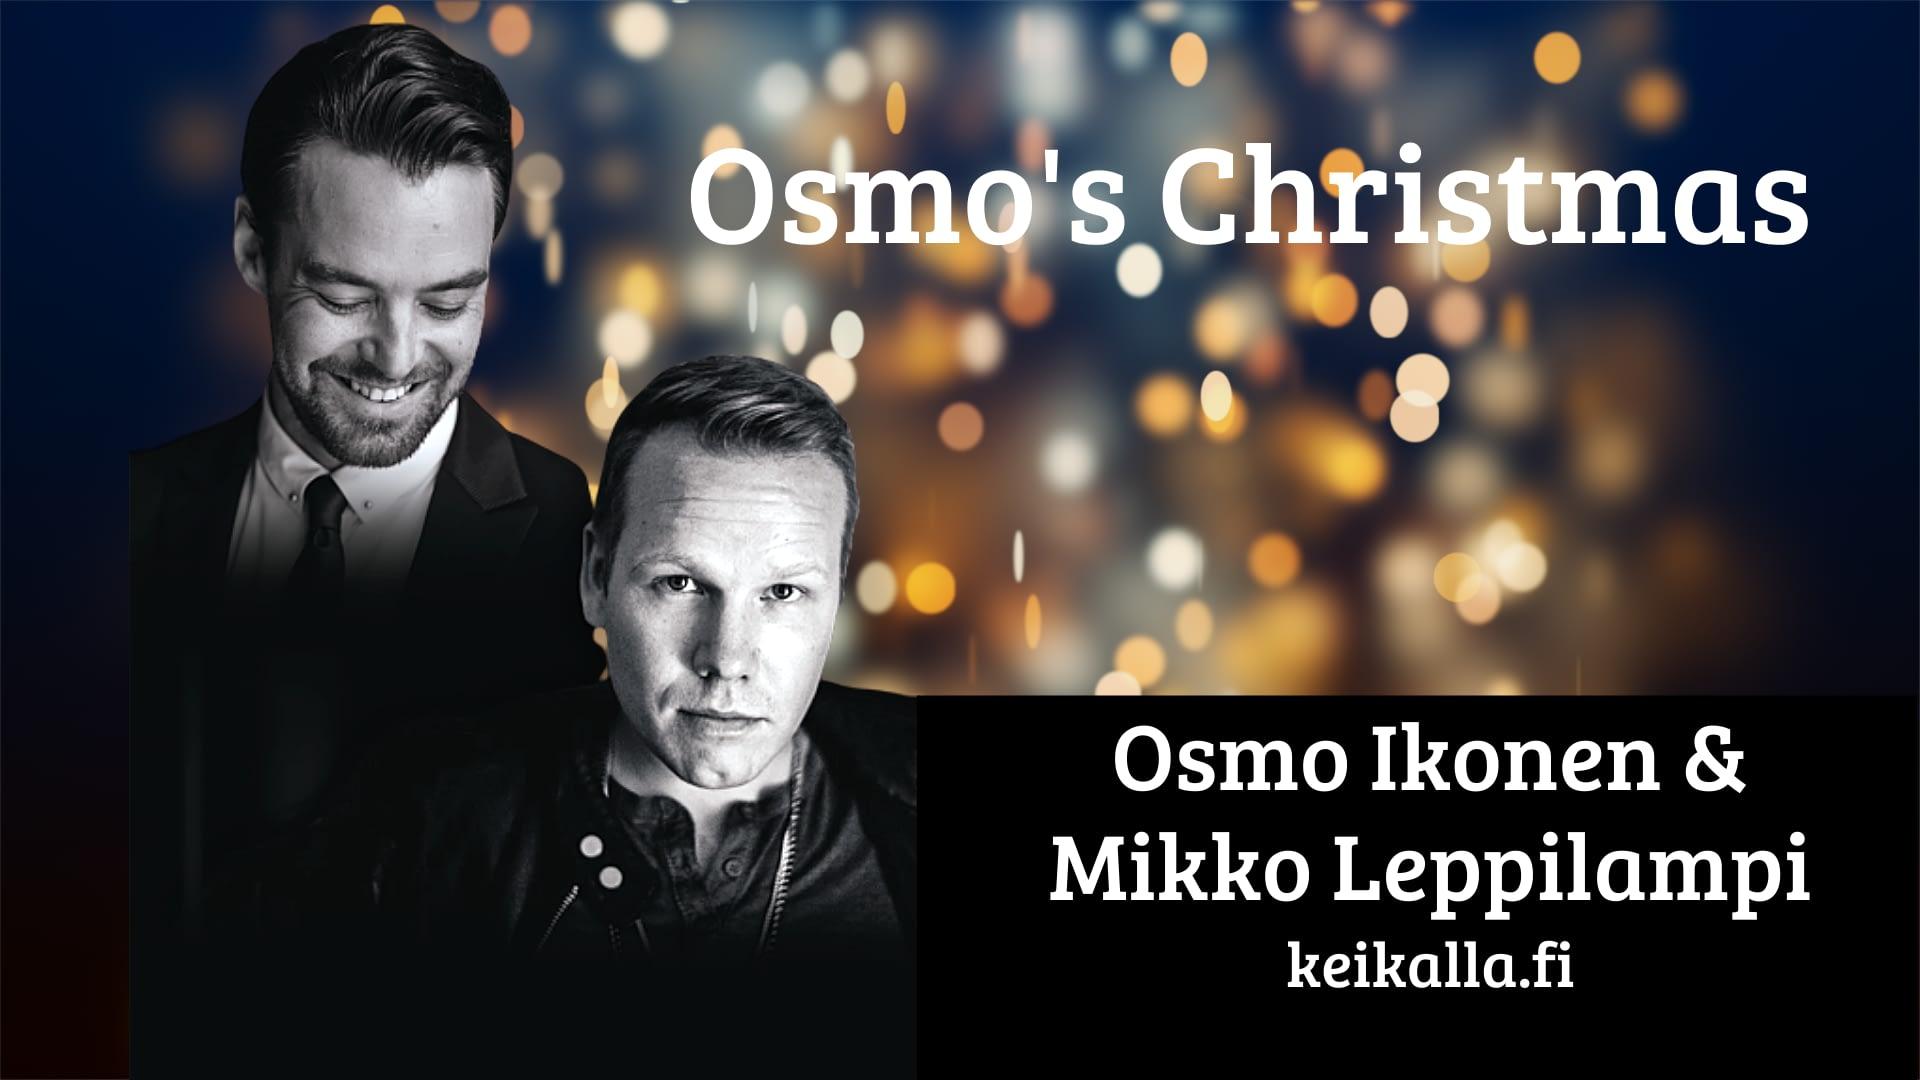 Osmo's Christmas feat. Mikko Leppilampi